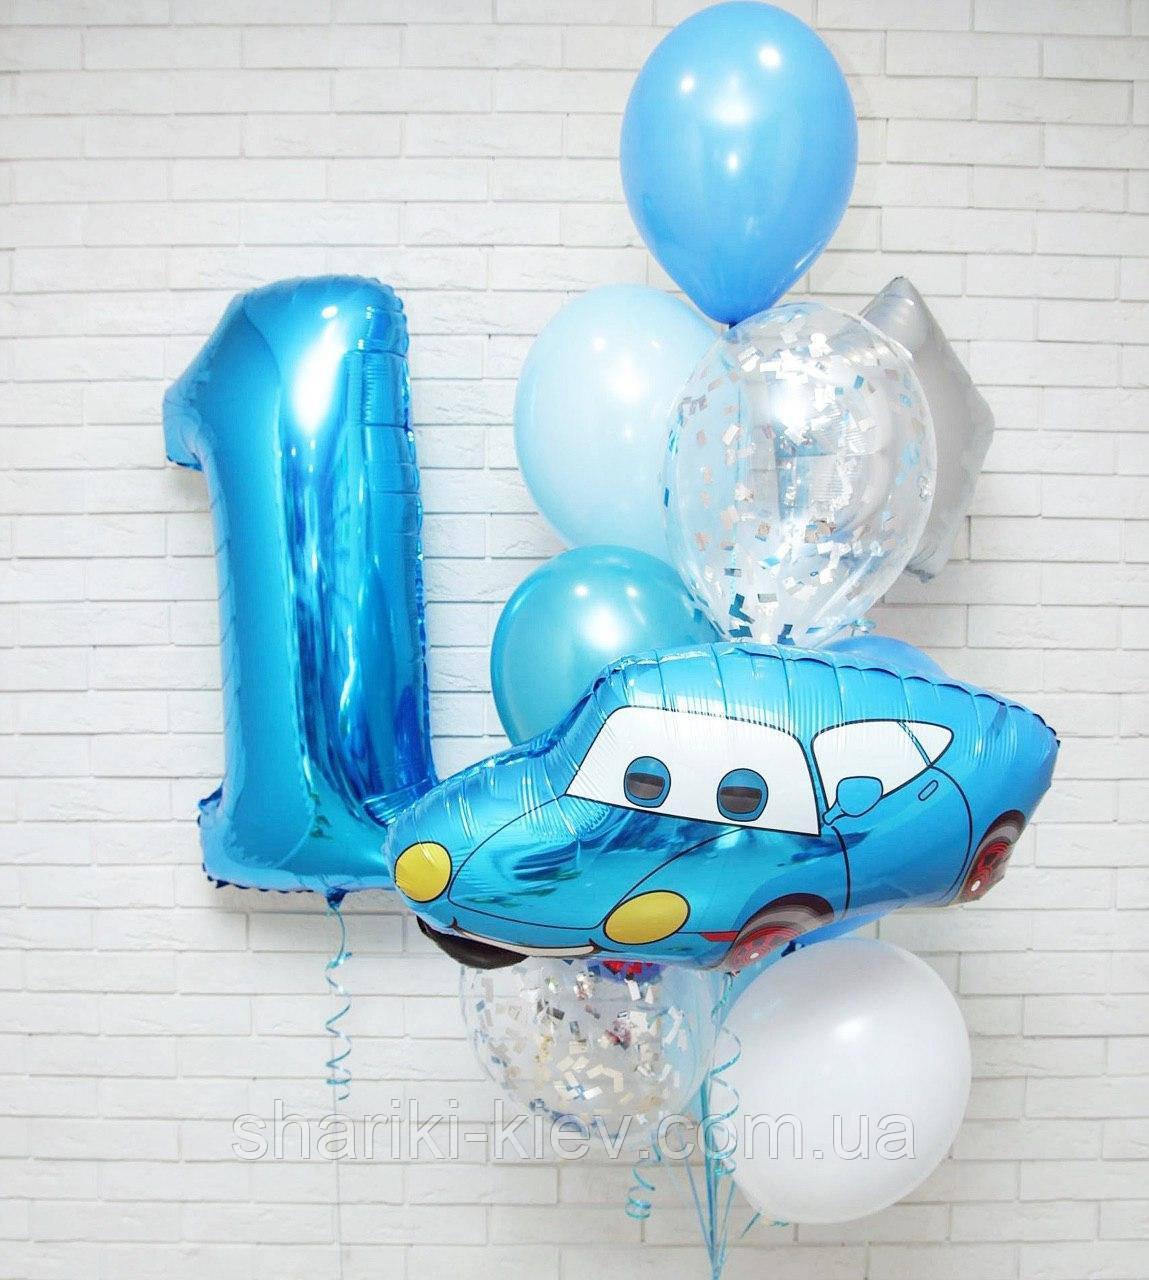 Композиция для мальчика с шаром машинкой, цифрой, звездой,шарами с конфети и цветными латексными